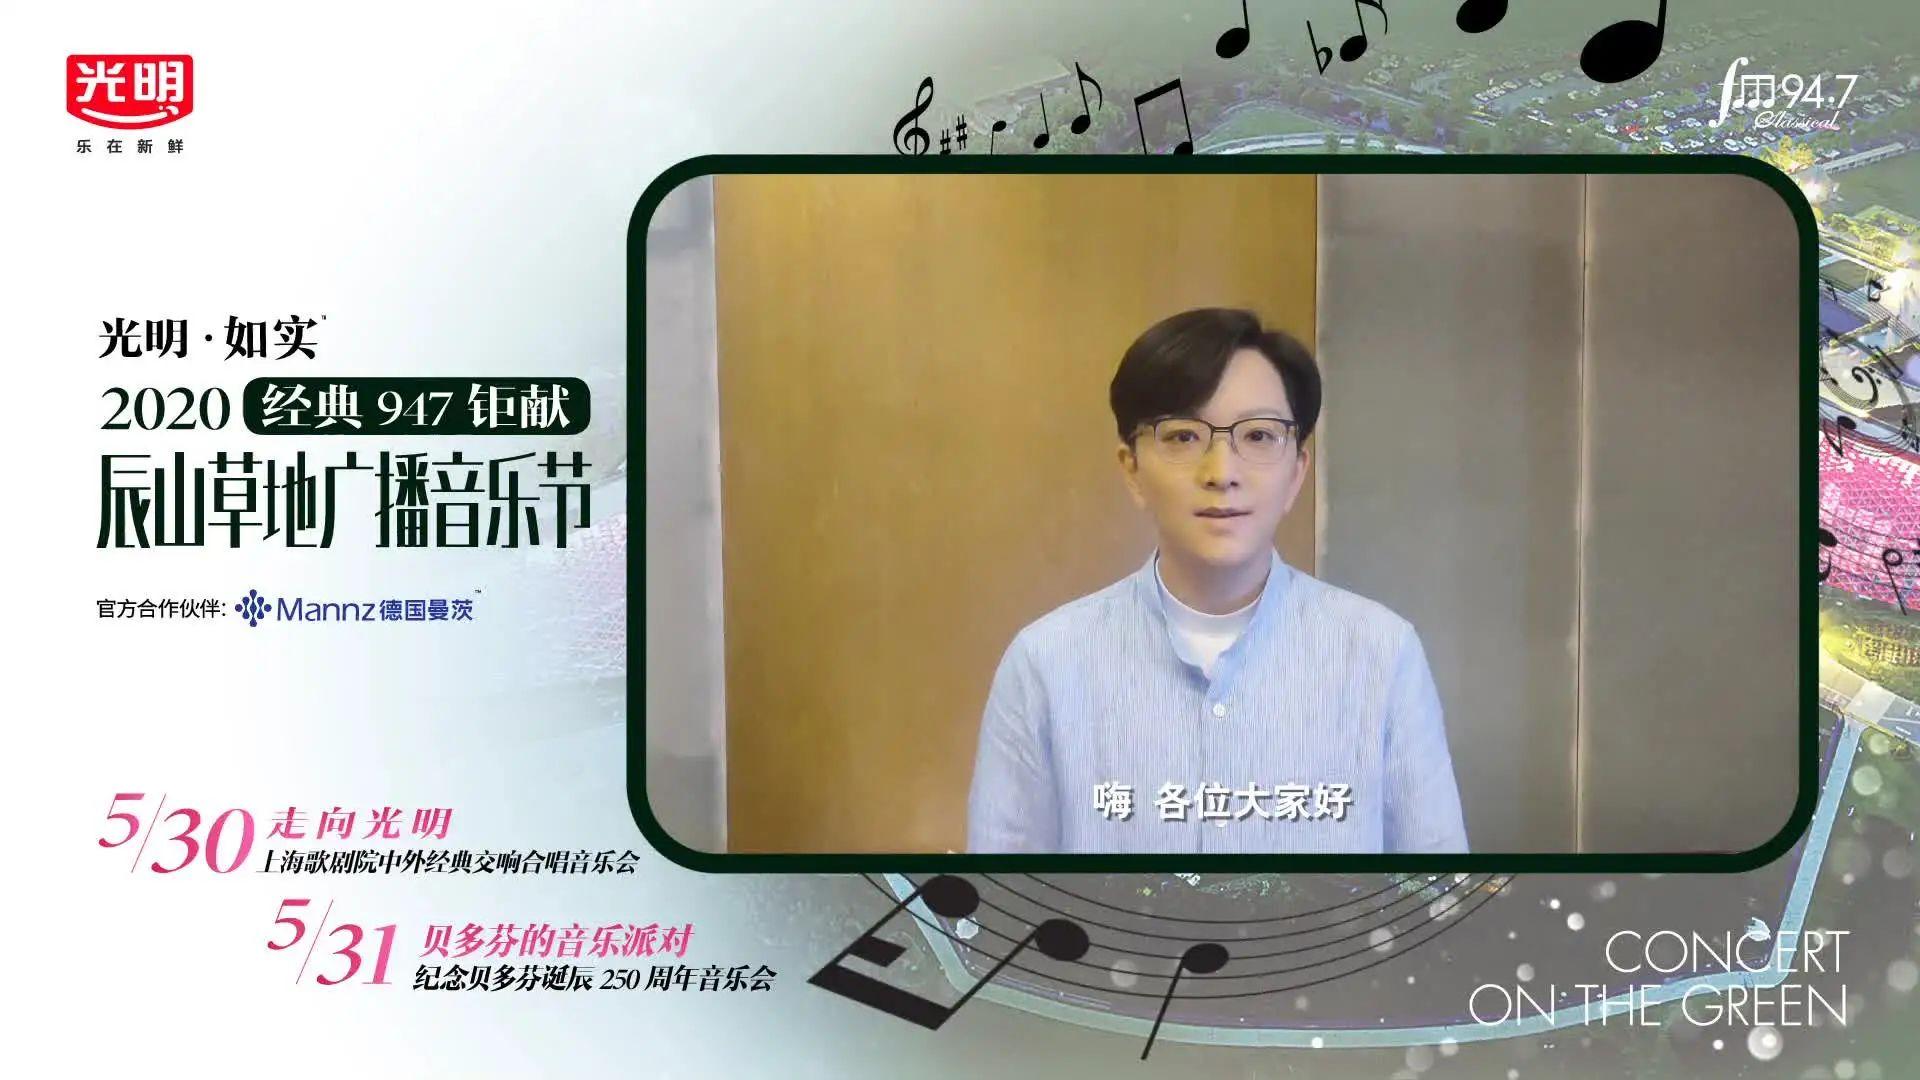 京剧表演艺术家王珮瑜为你推荐经典947辰山草地广播音乐节